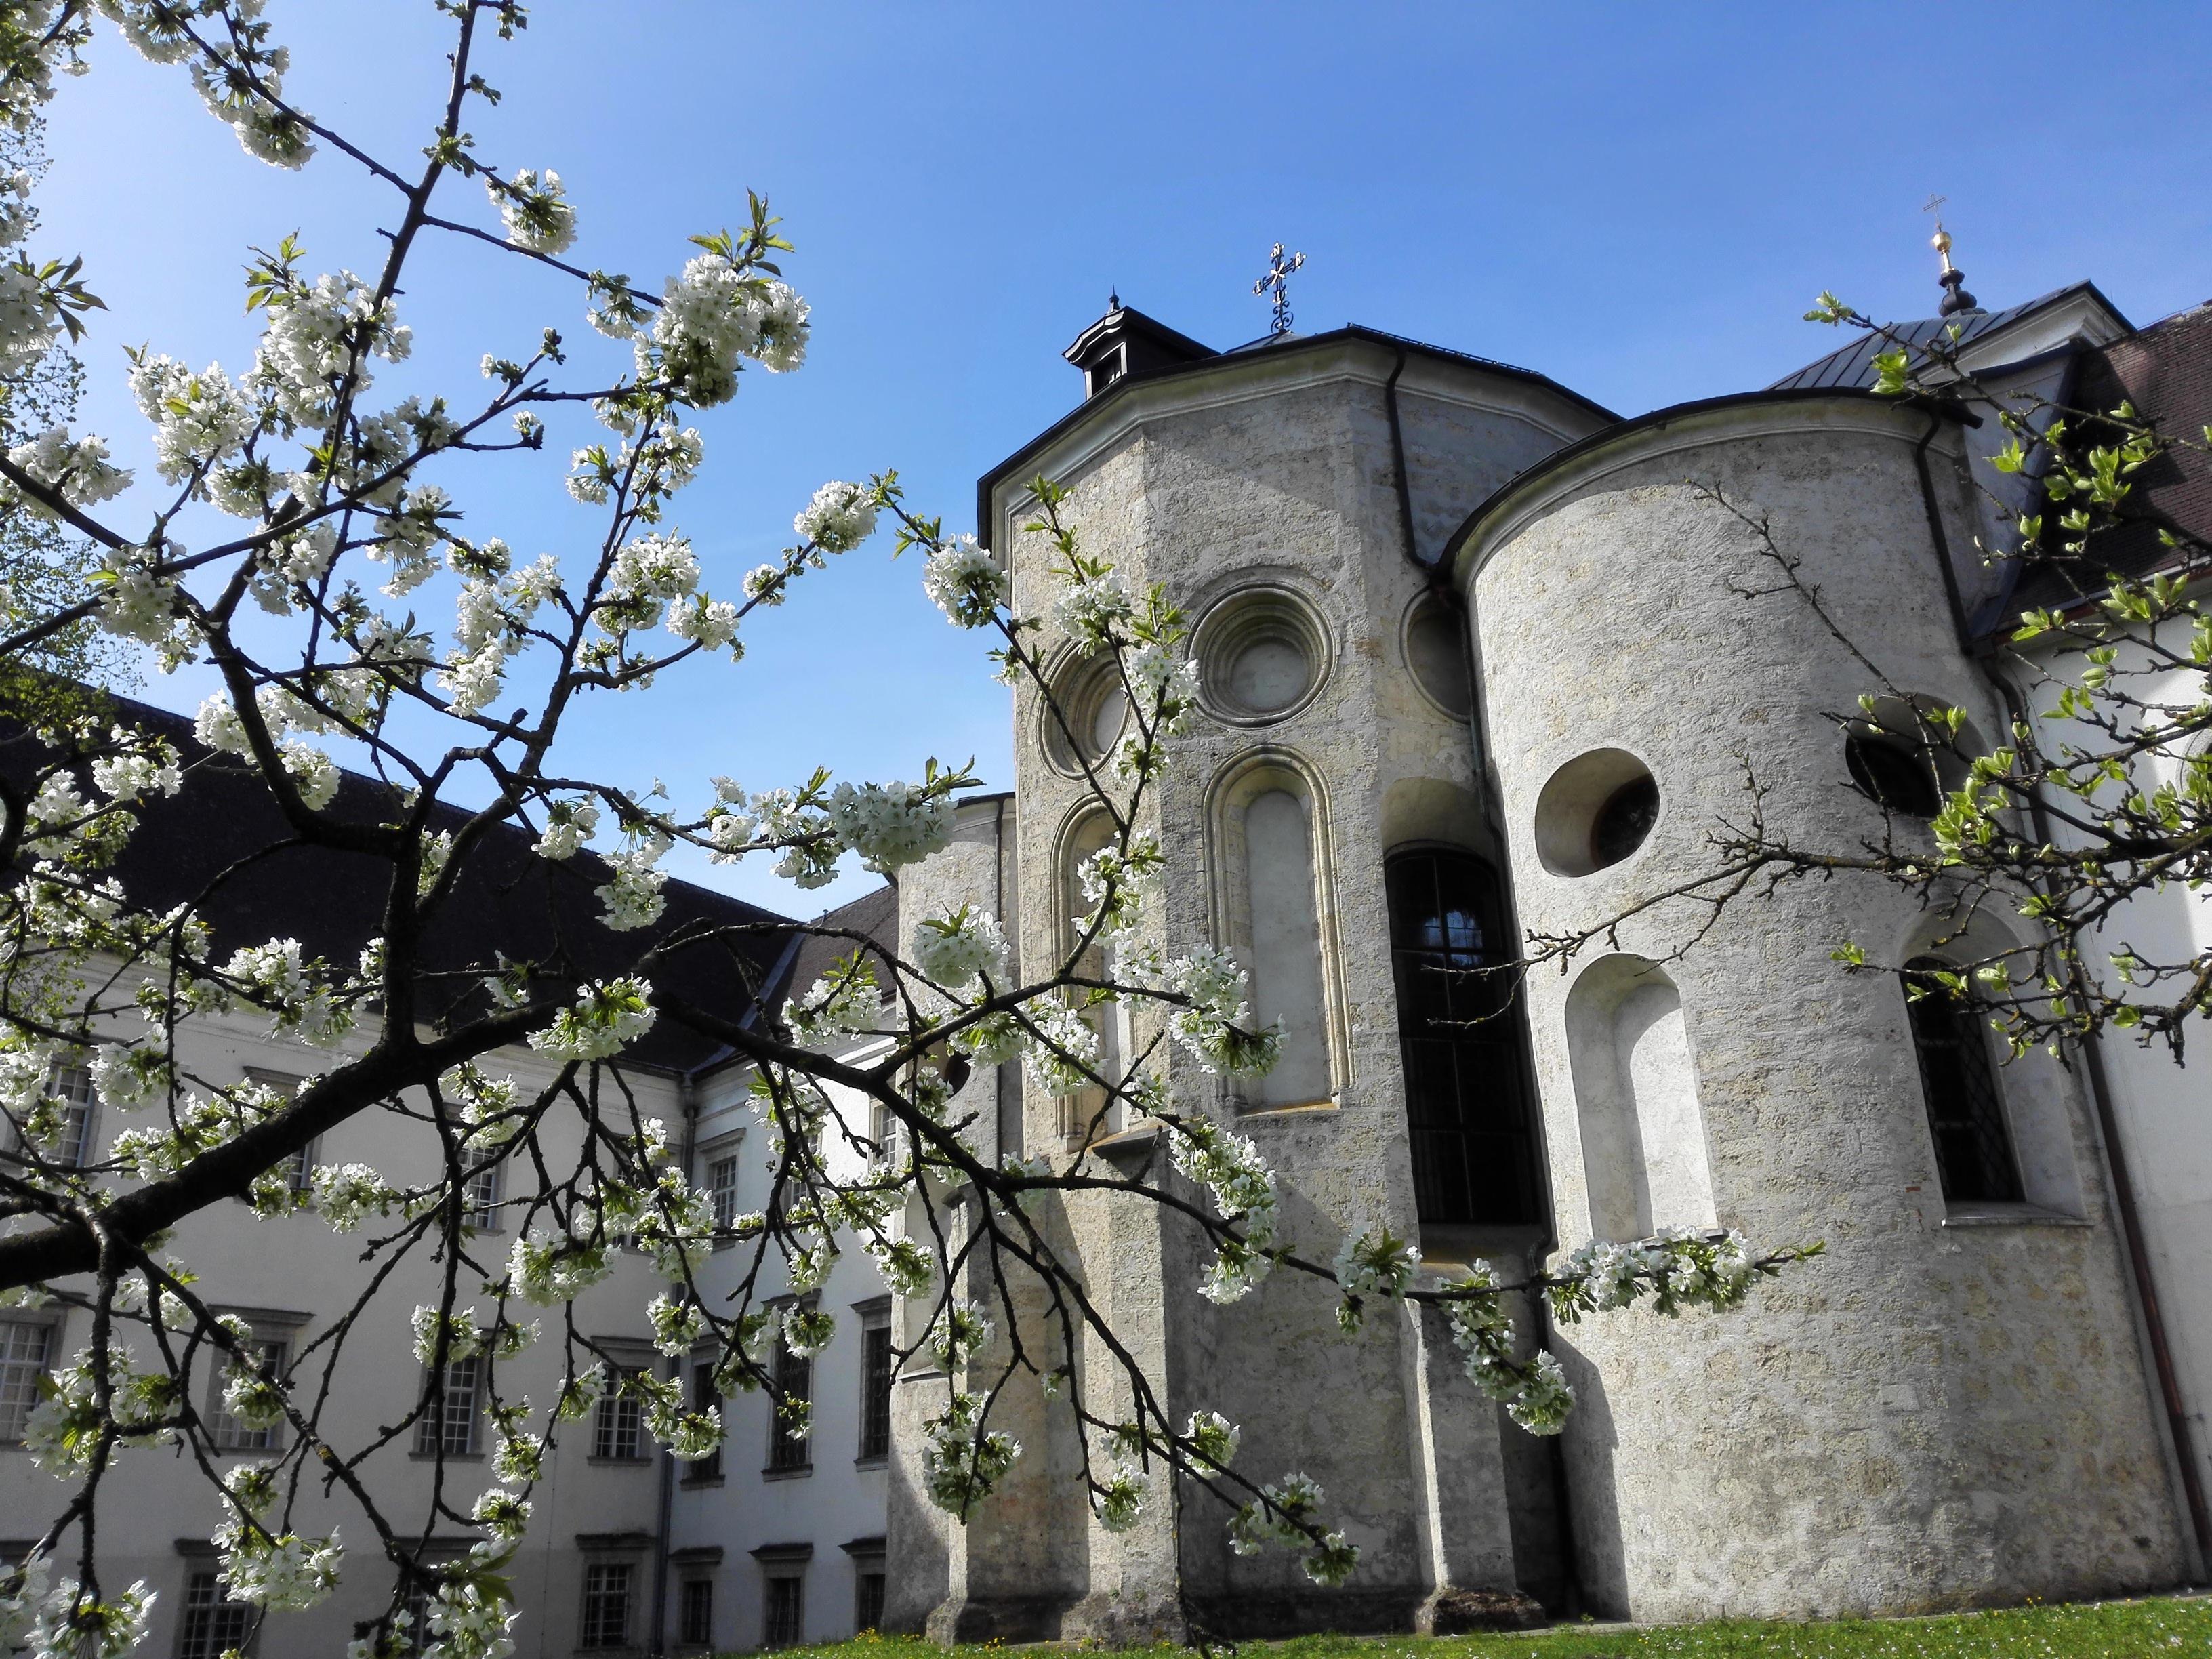 Gratis billeder : natur, blomst, flor, bygning, slot, afspejling, parkere, kirke, kapel, cherry ...